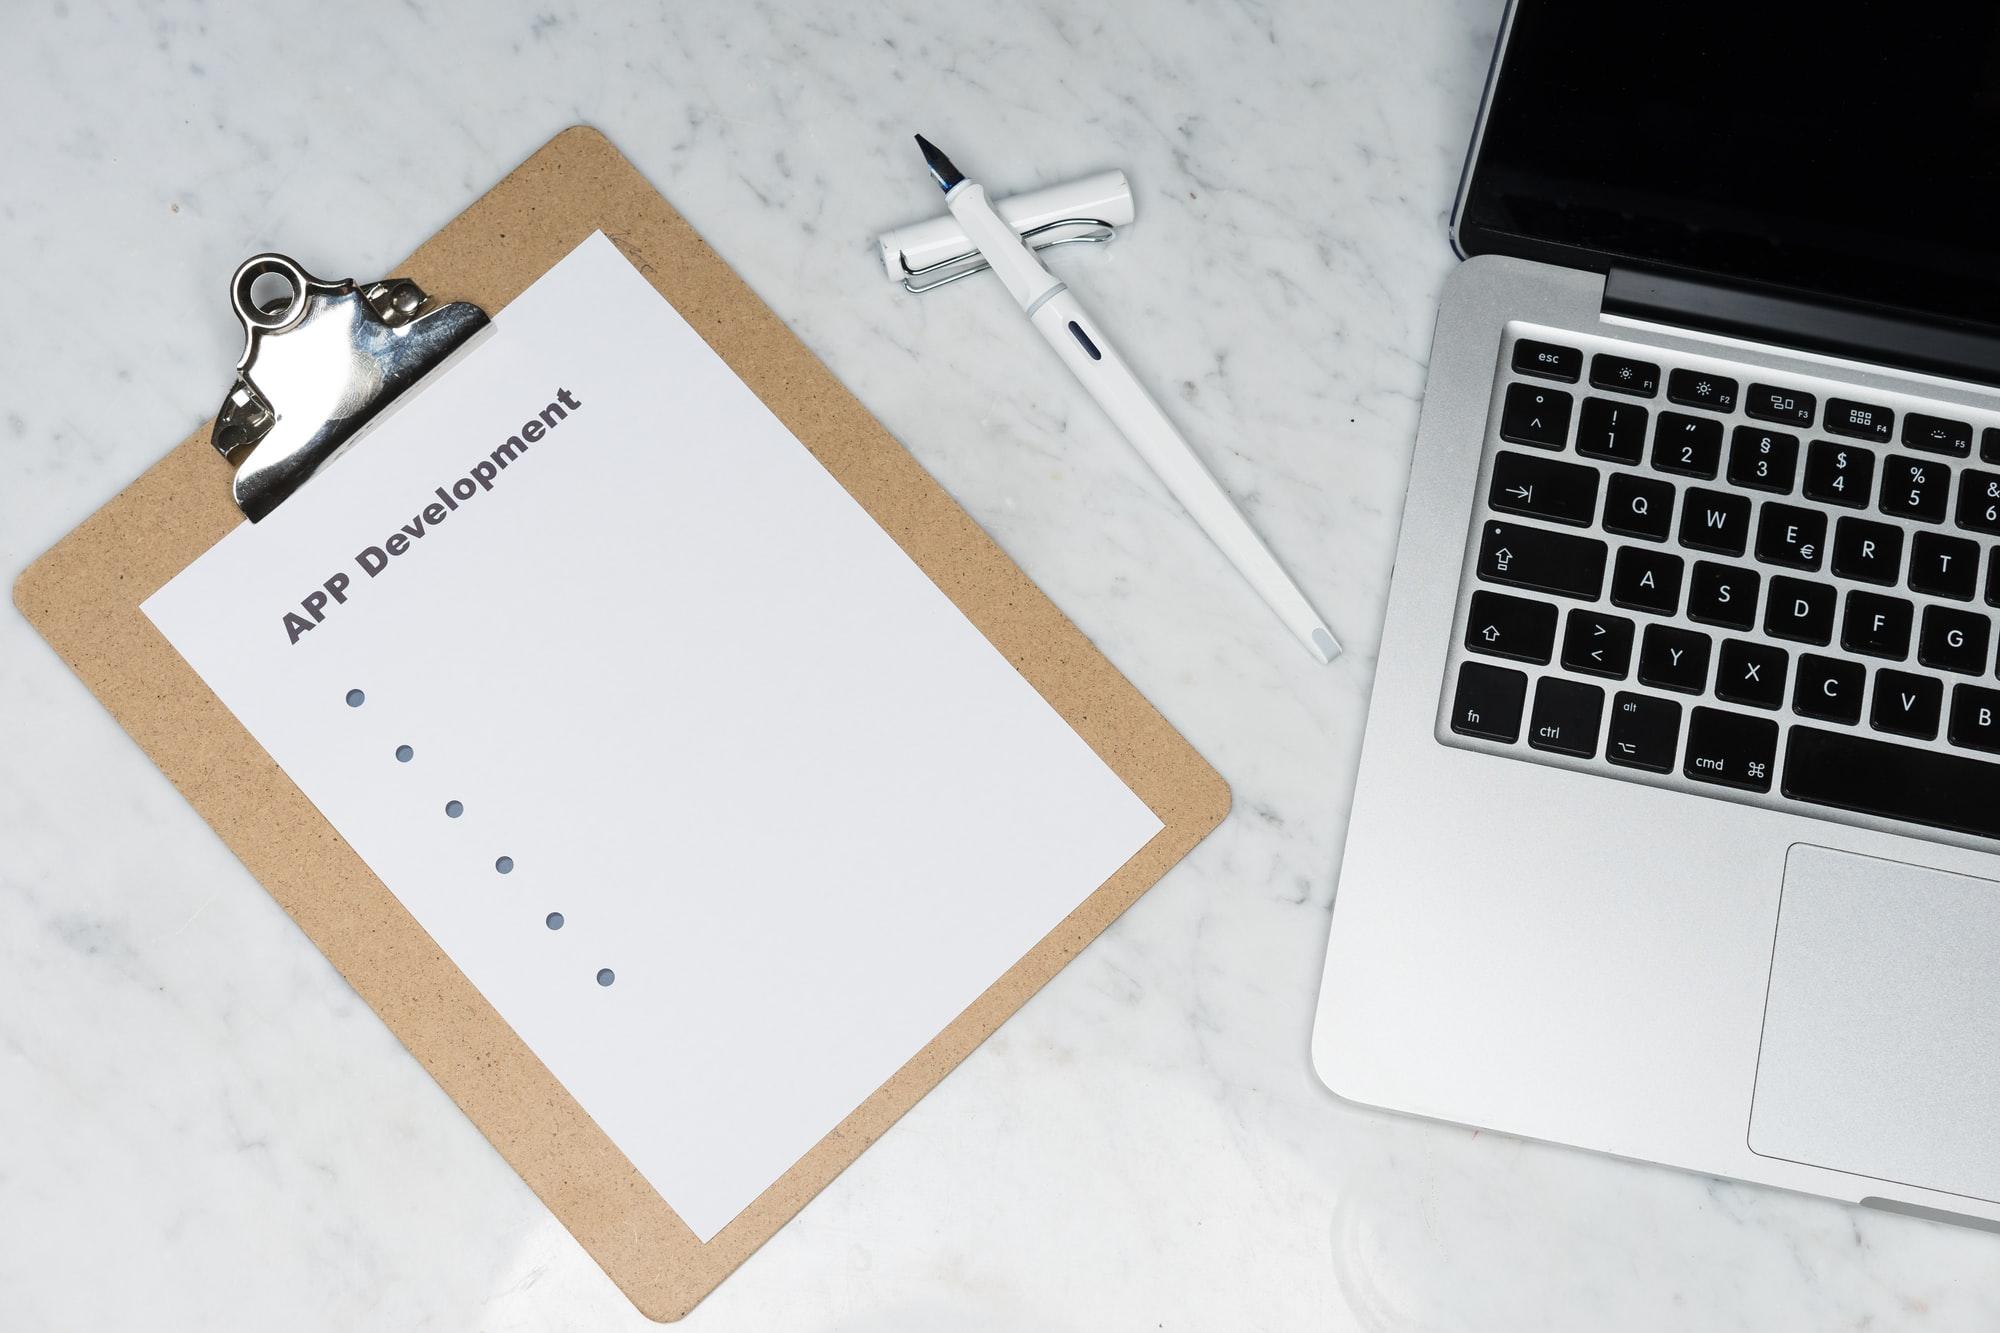 Crea una lista di valori con JavaScript e Data API